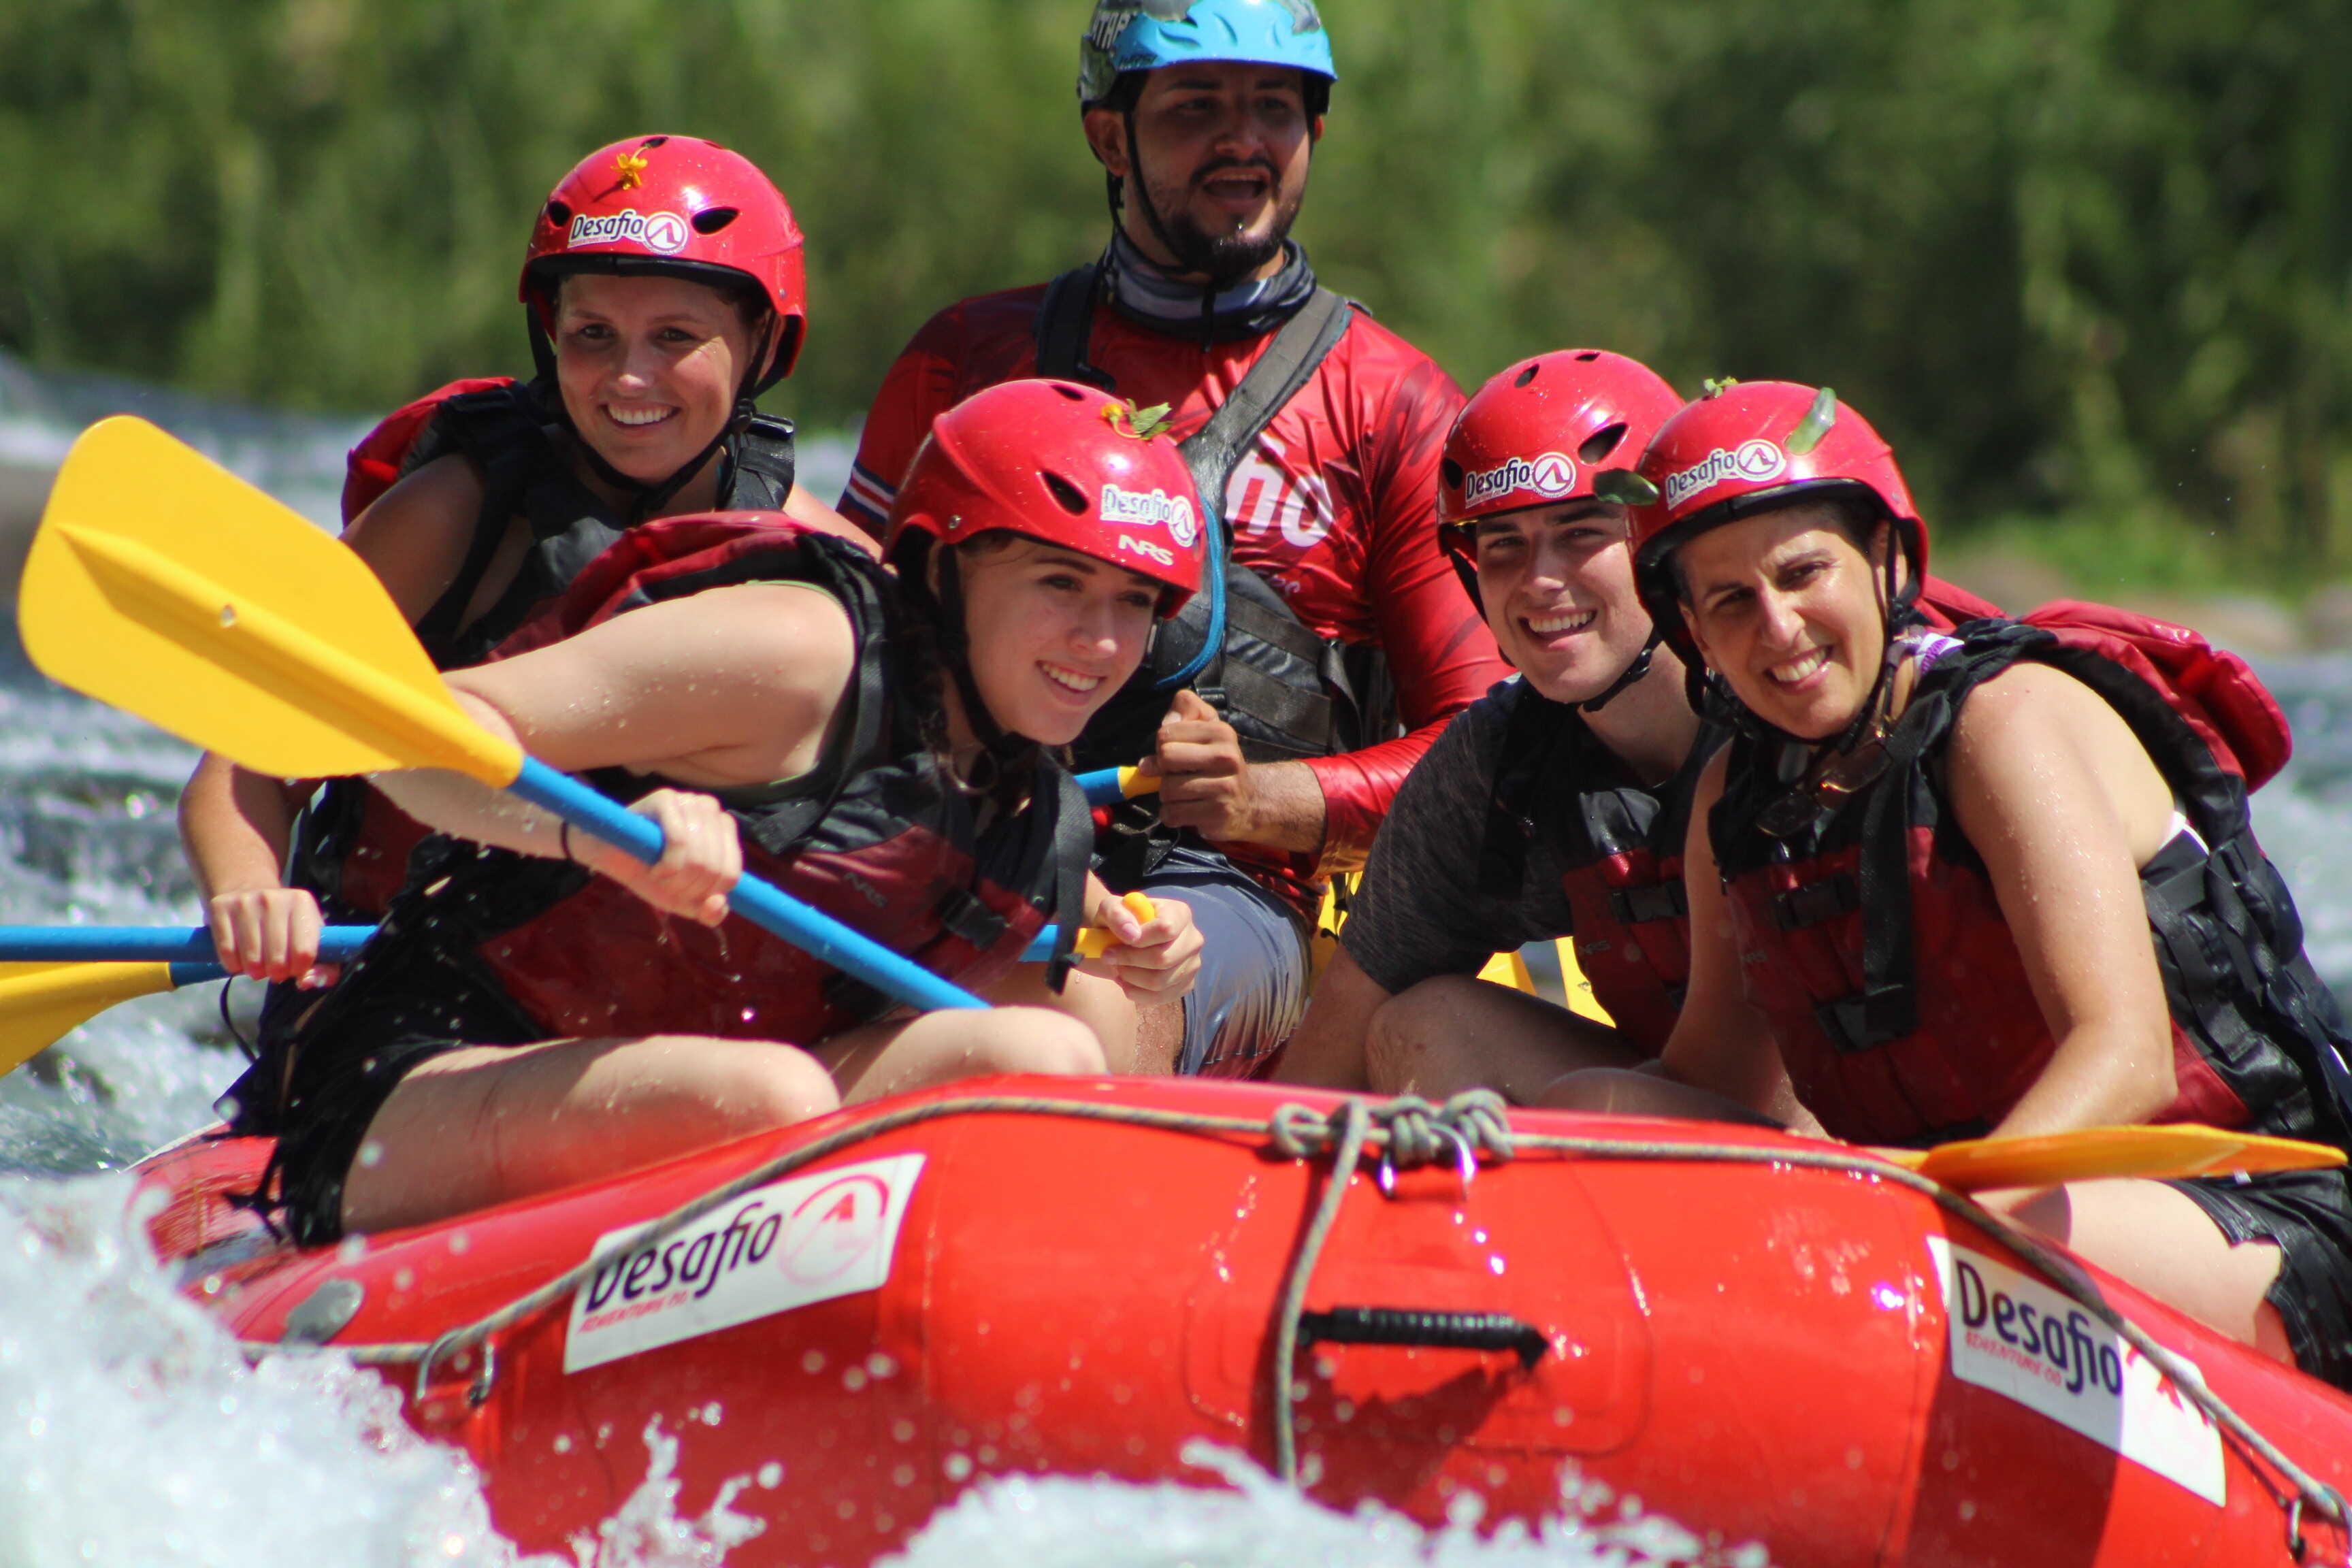 San Jose to Arenal Whitewater Rafting Sarapiqui